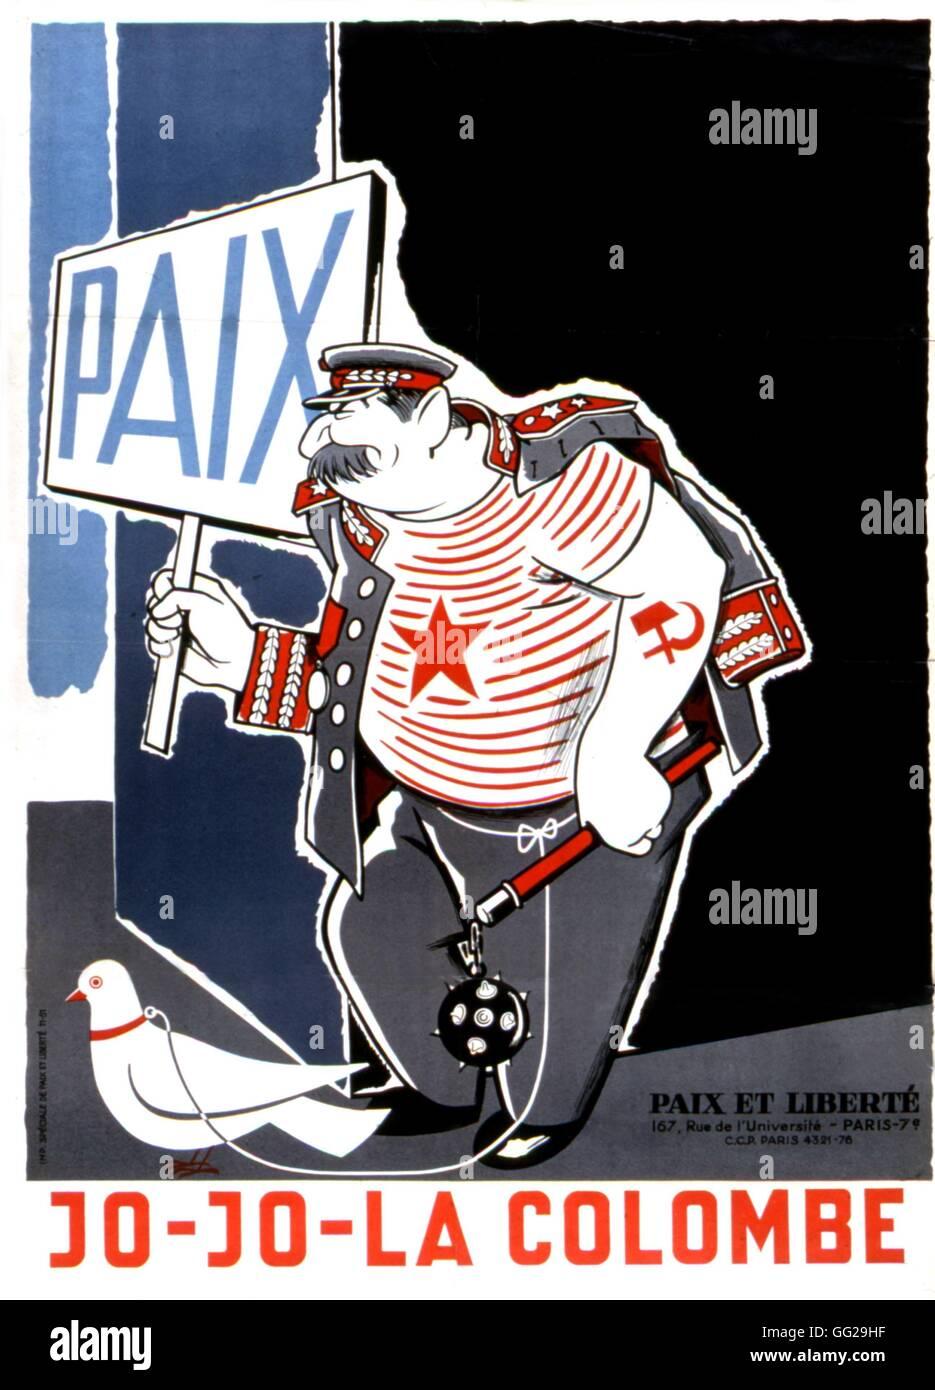 """Poster du mouvement """"Paix et liberté"""". Caricature satirique sur Staline et ses propositions pour Photo Stock"""